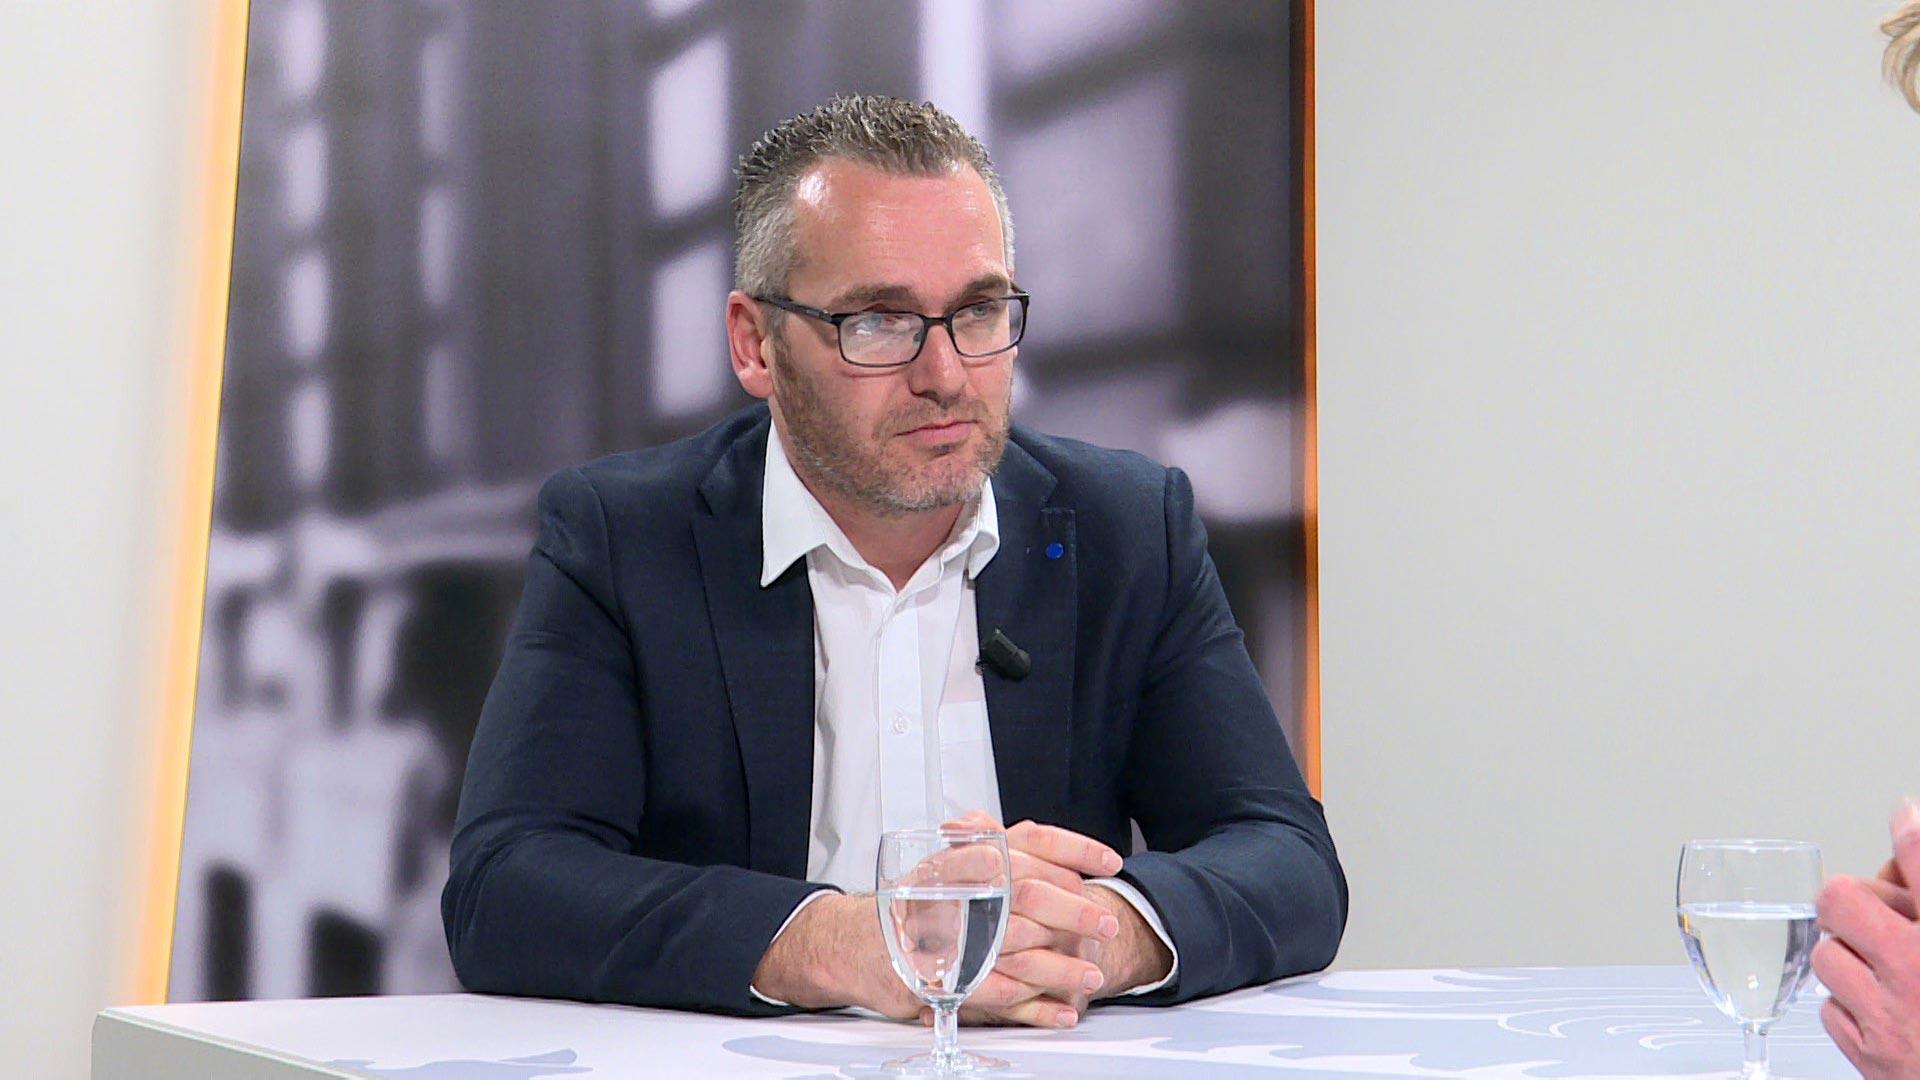 Studio Vlaams Parlement: Jo De Ro over onderwijsassistenten in het basisonderwijs